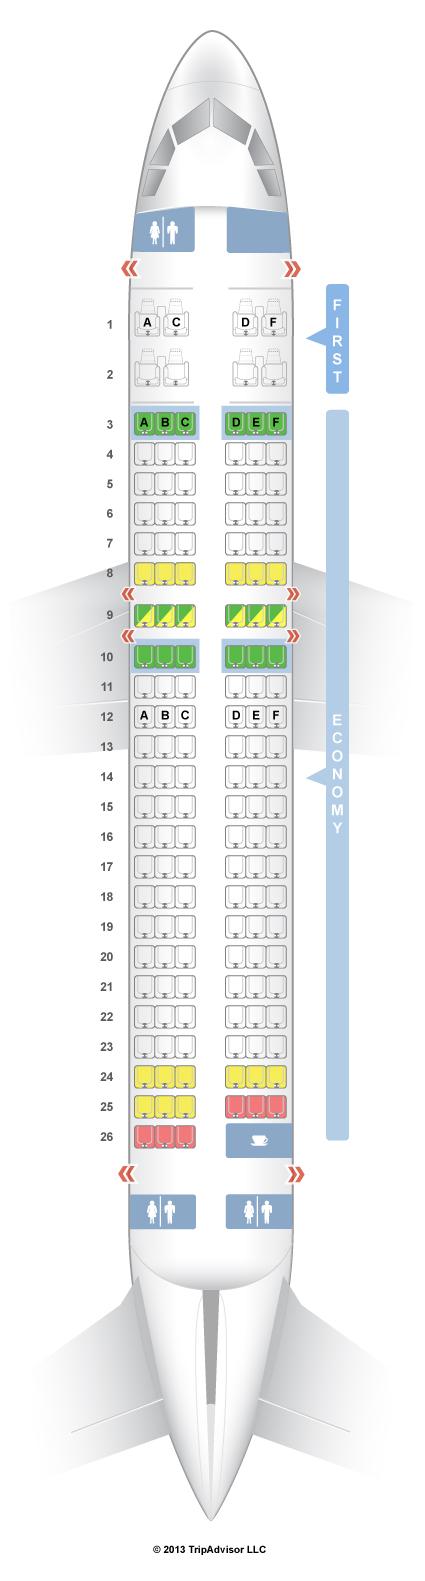 Seatguru Seat Map Virgin America Airbus A320 320 V1